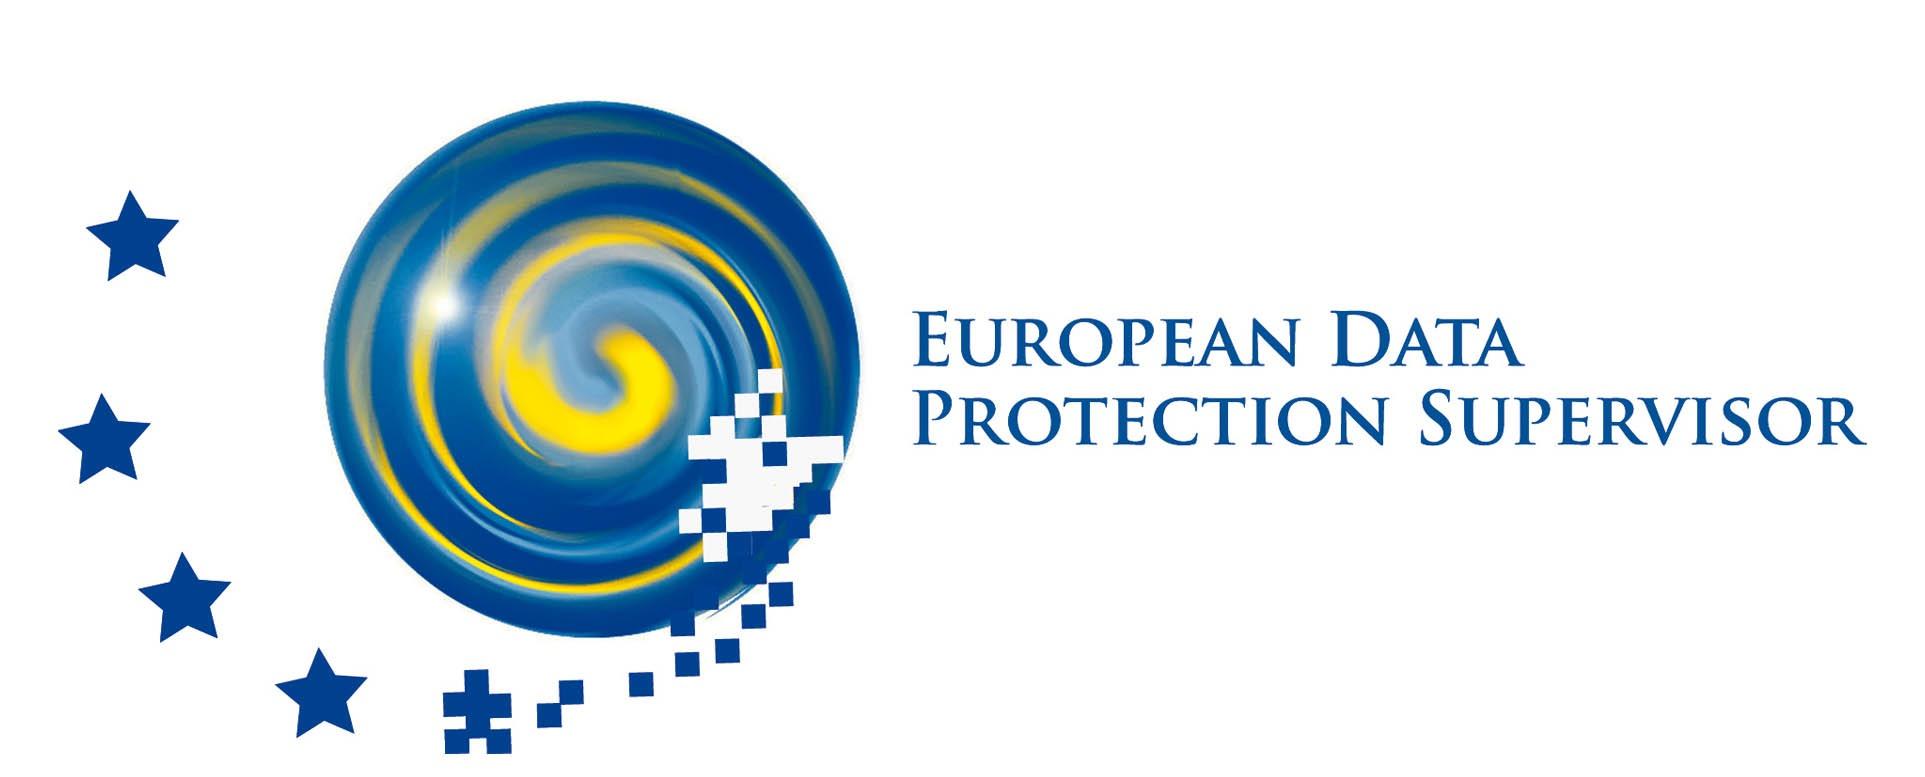 eu data protection law enforcement directive - HD1925×777